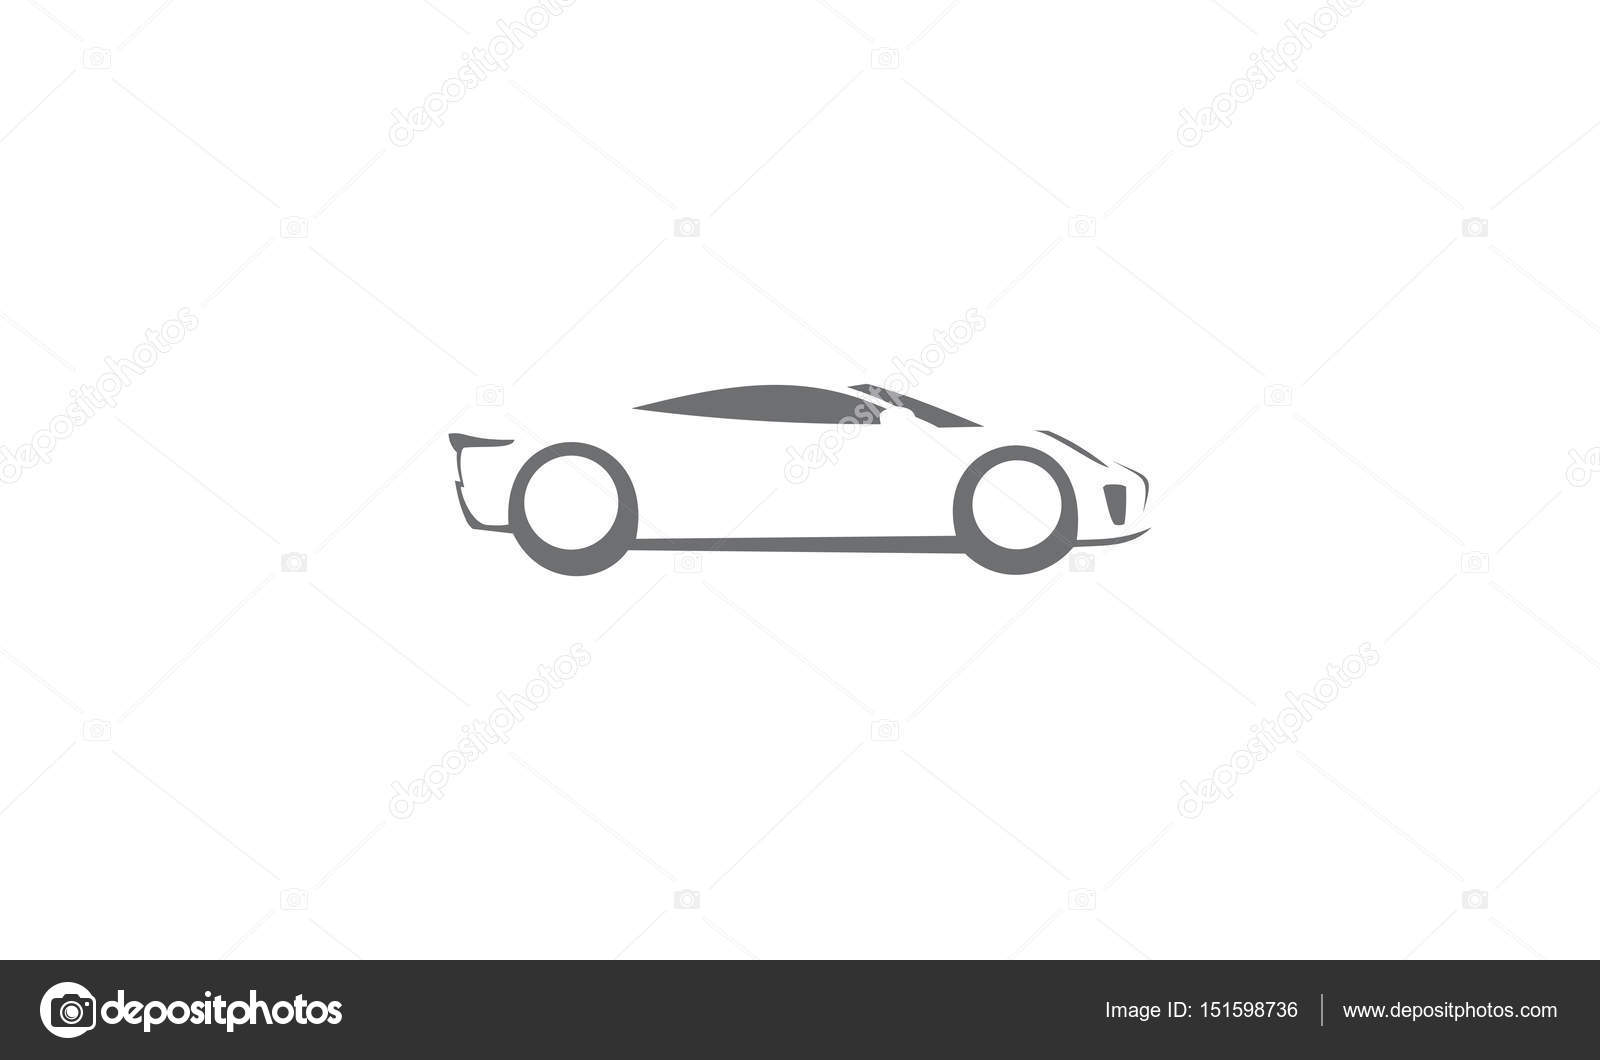 Plantilla de logotipo de coche — Foto de stock © alluranet #151598736